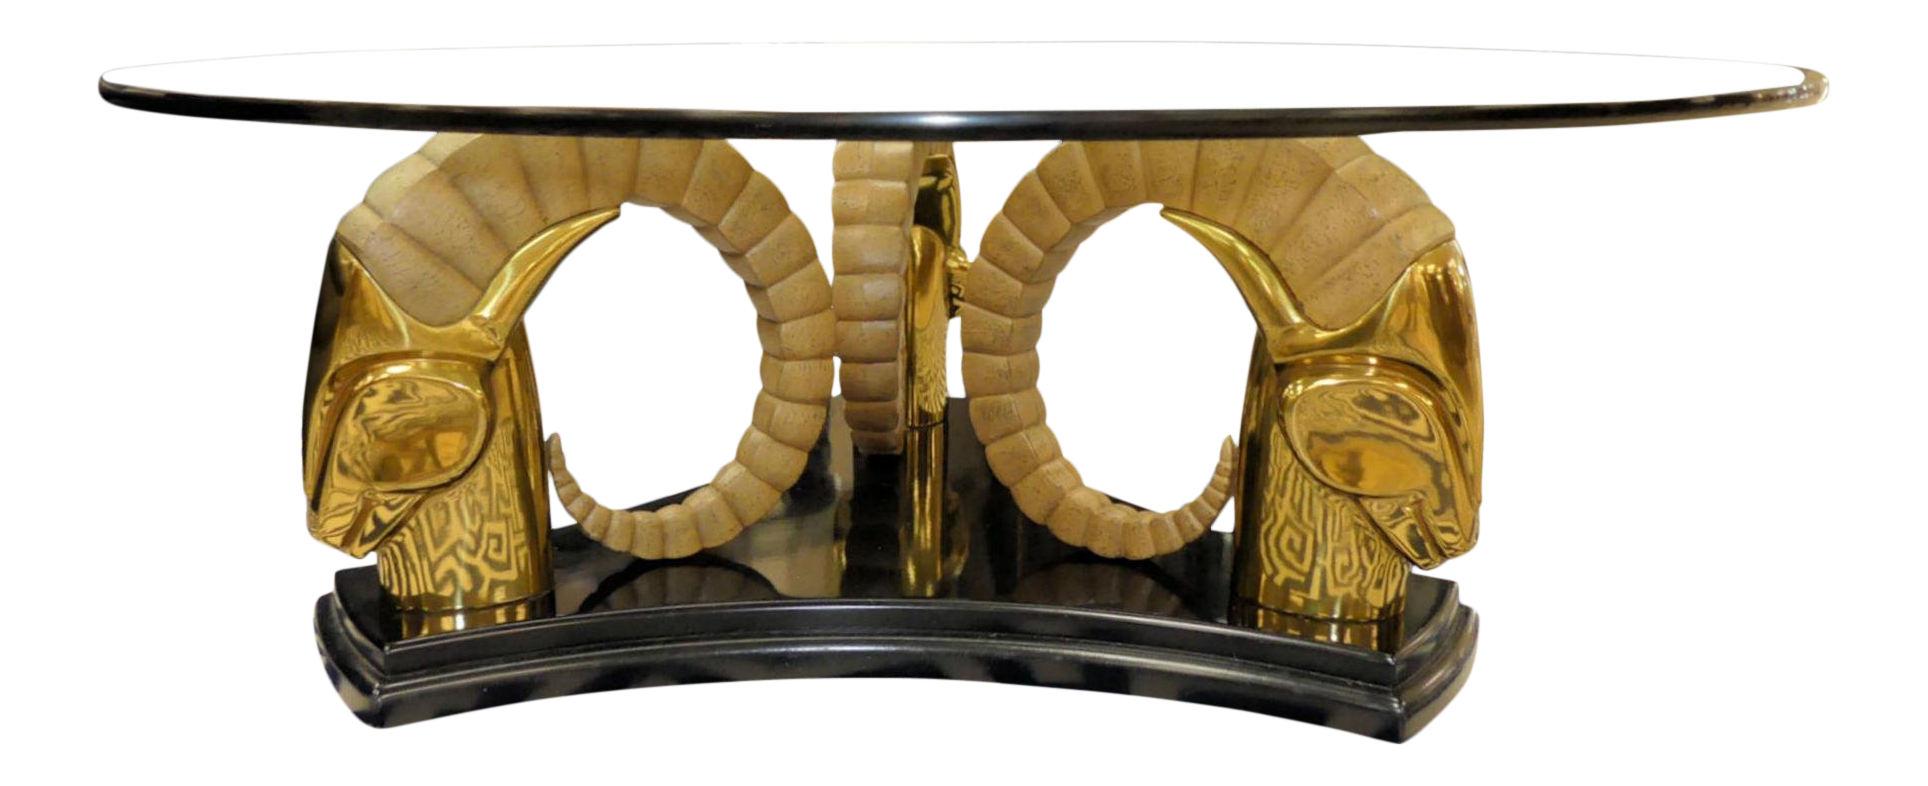 SOLD Drexel Et Cetera Brass Ram Head Coffee Table